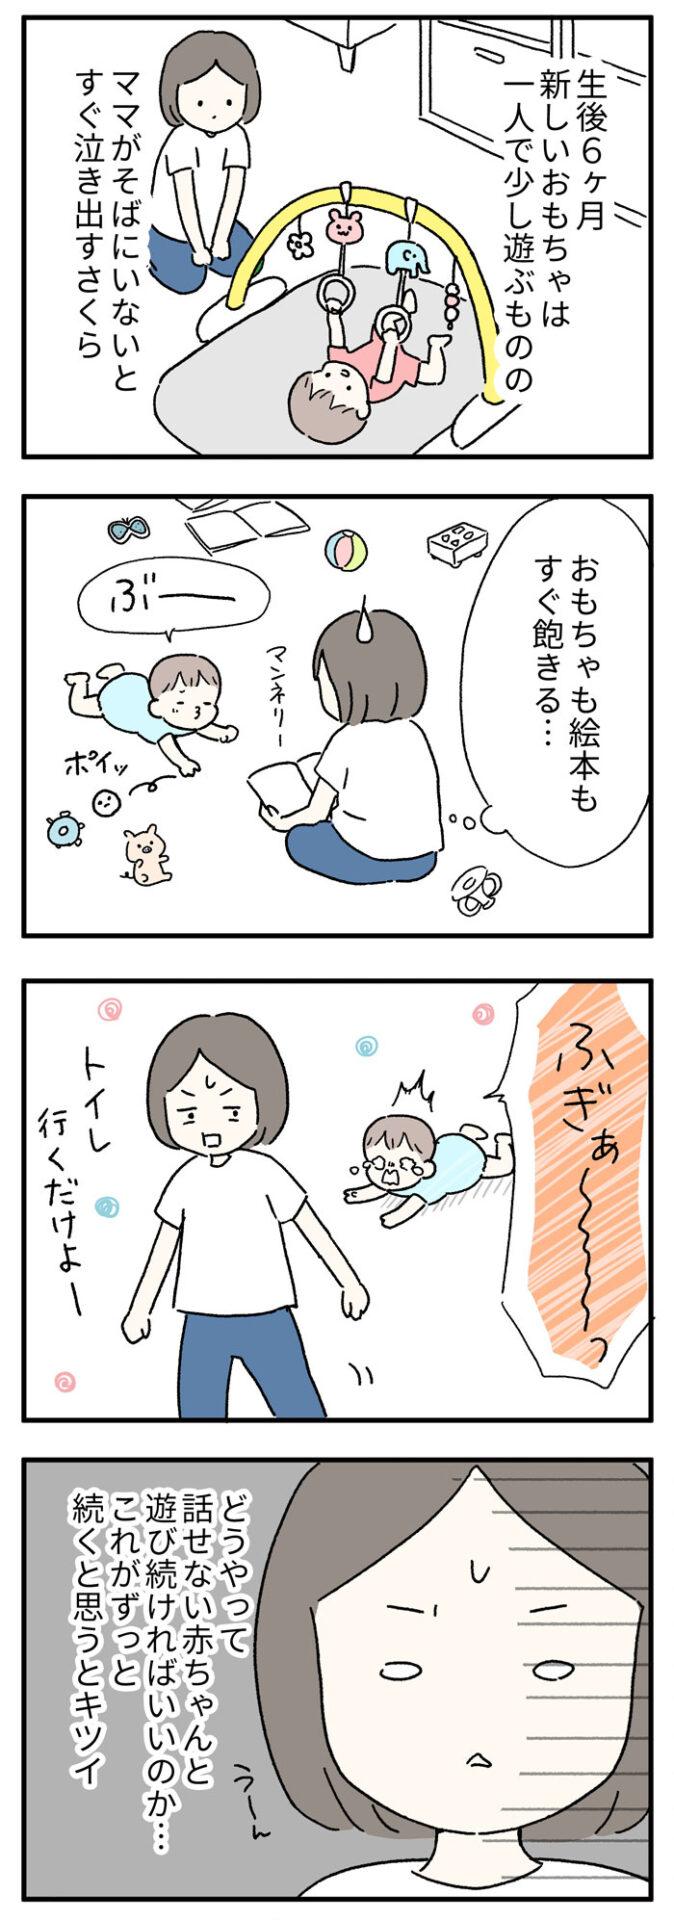 【育児漫画】一人遊びができない